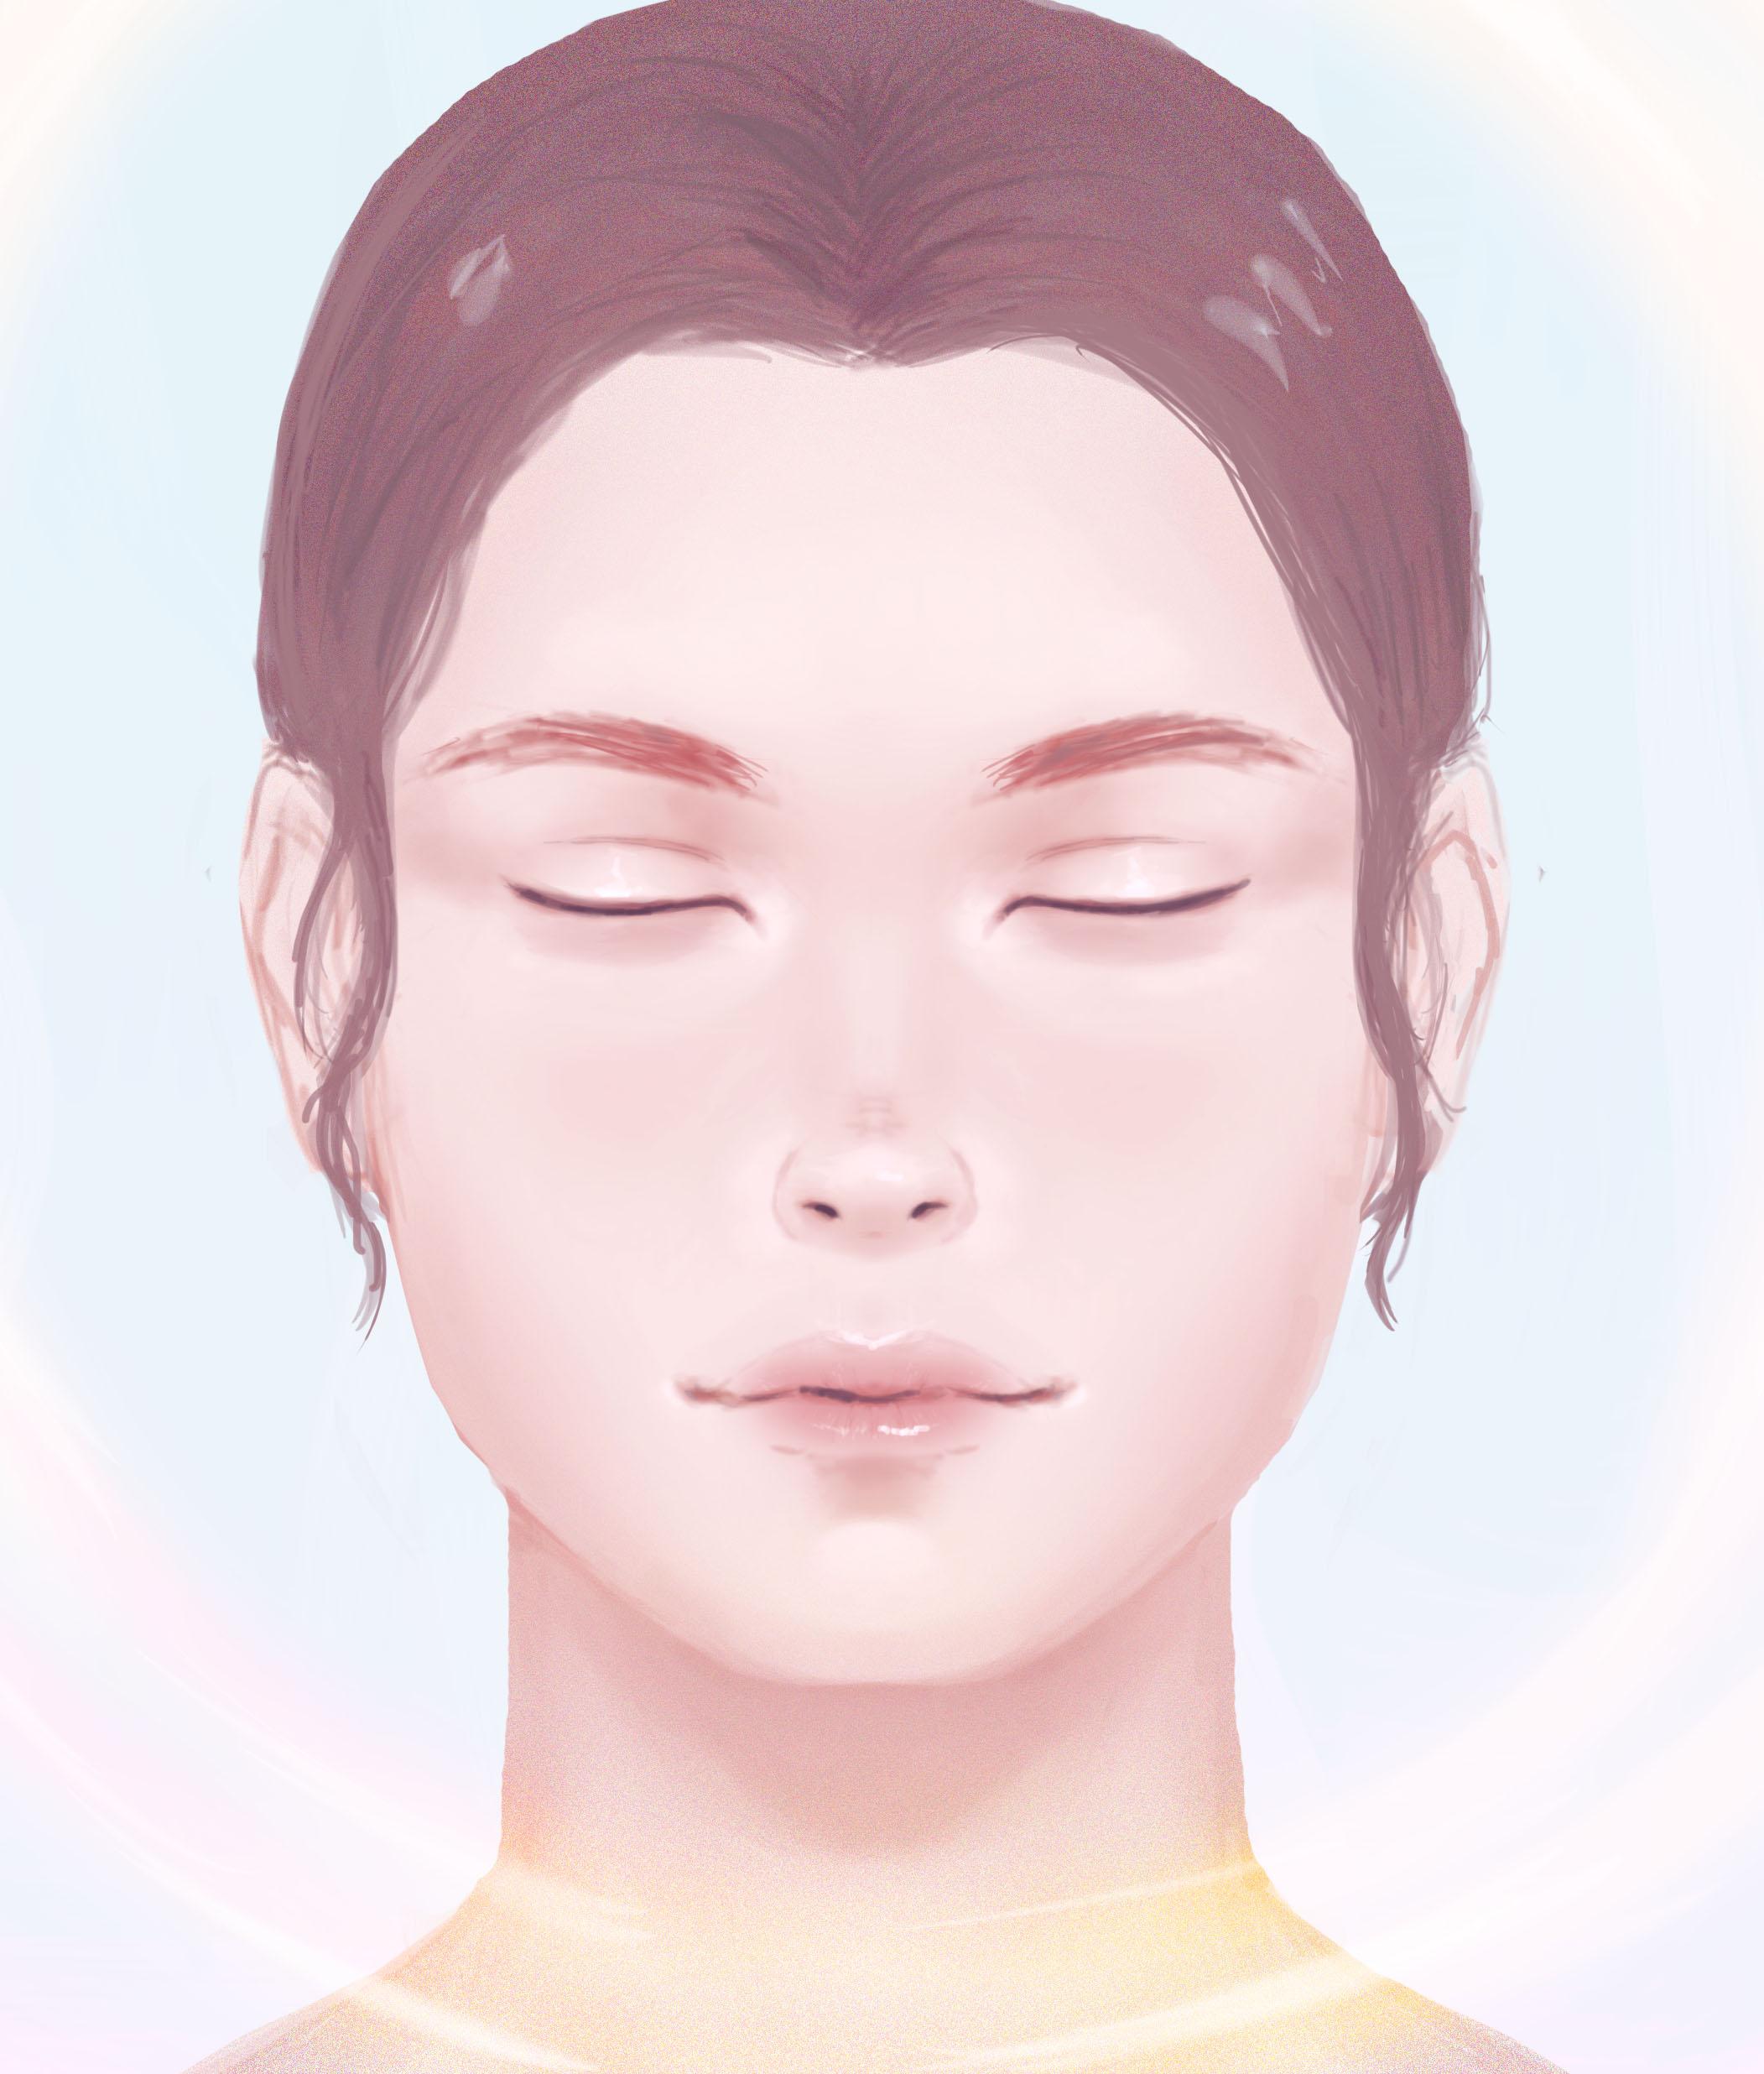 Нужны привлекательные иллюстрации к практике ТриНити фото f_9585b5a15db70723.jpg